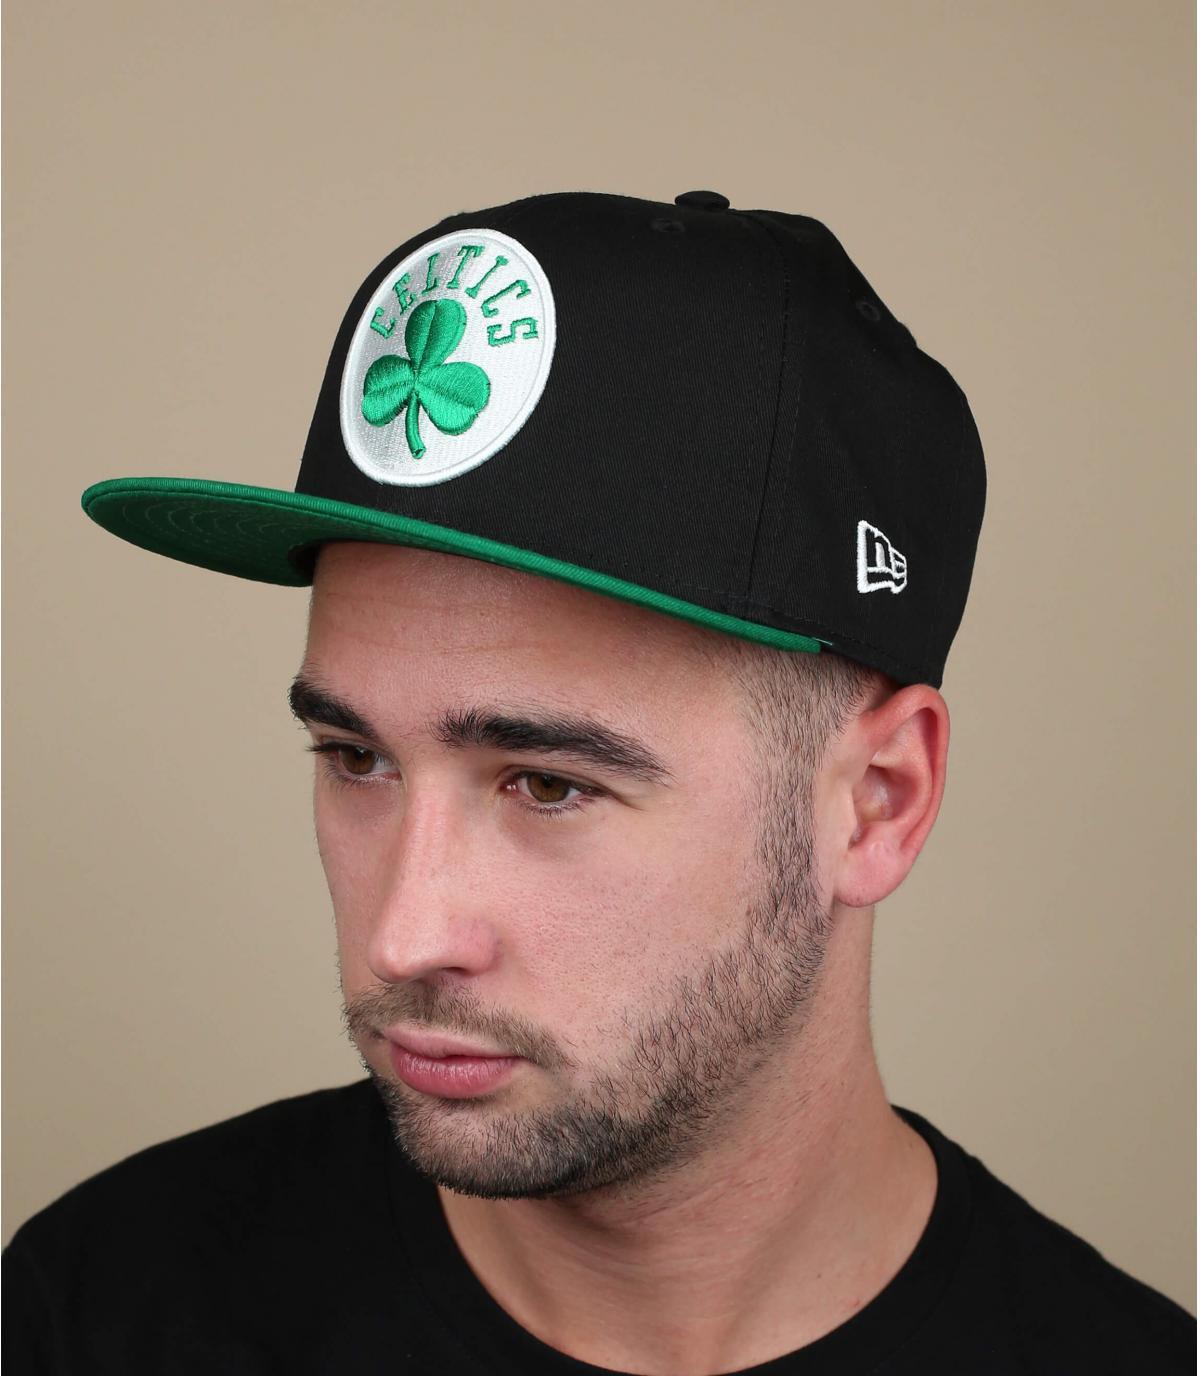 casquette Celtics noir vert